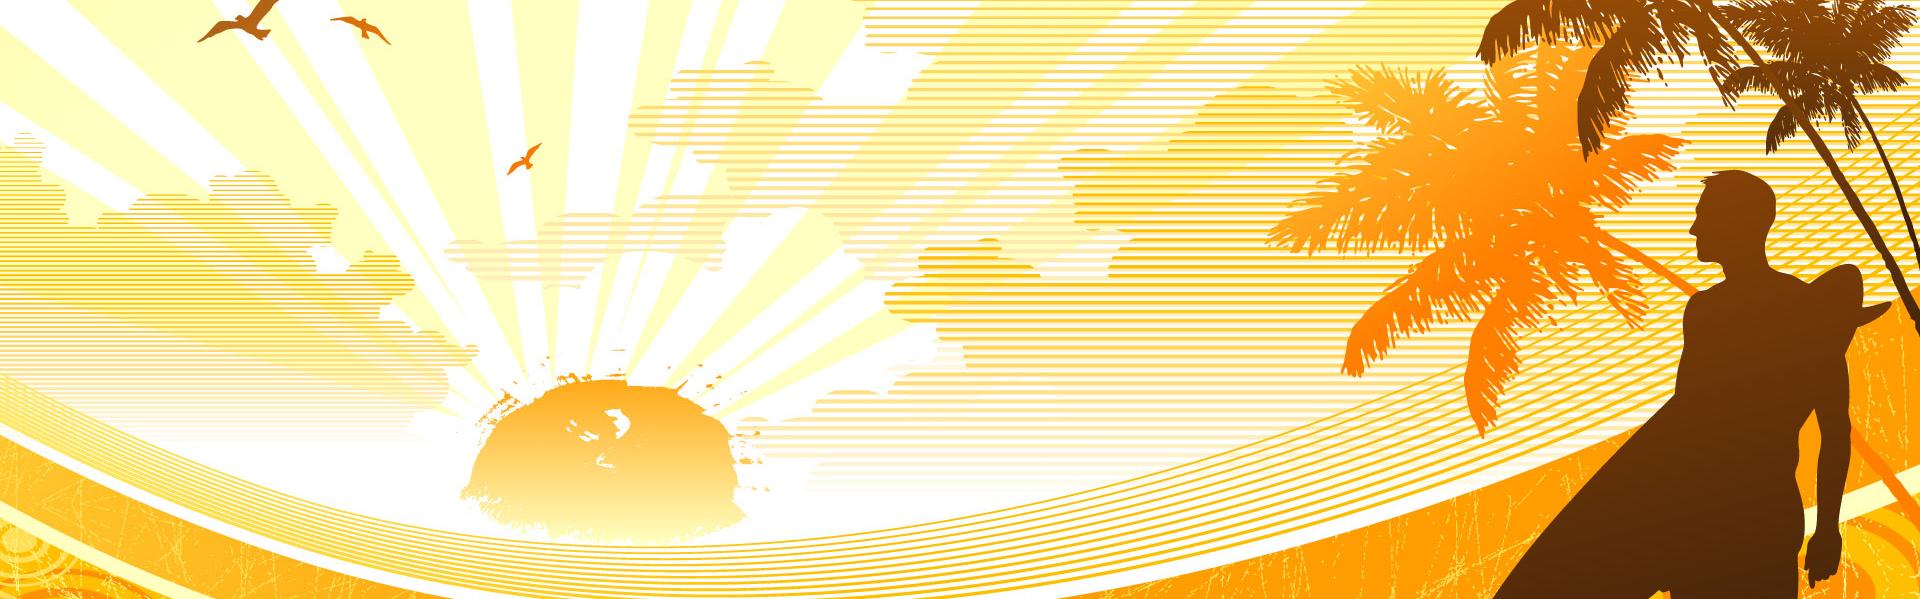 sunshine_widescreen_crop